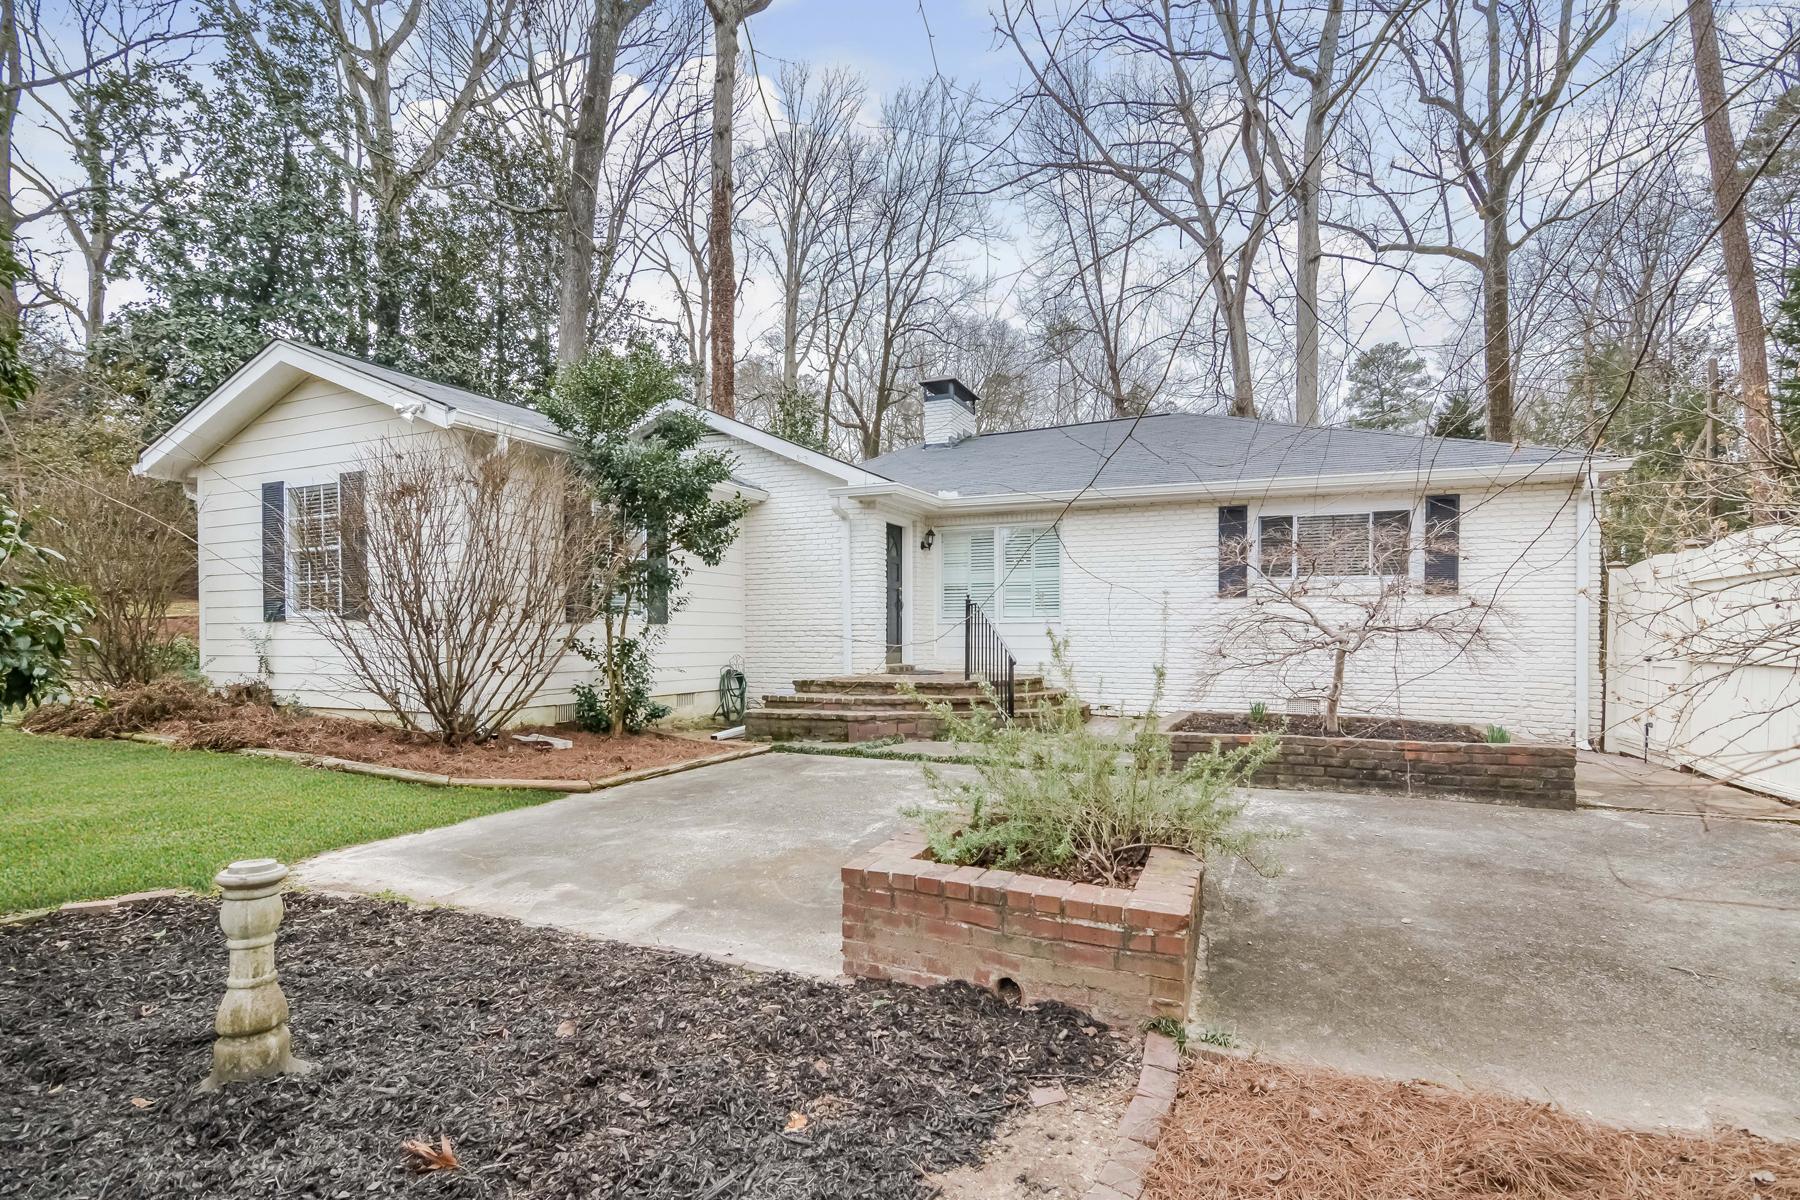 Maison unifamiliale pour l Vente à Charming Bungalow In LaVista Park 1241 Sheridan Road NE Atlanta, Georgia, 30324 États-Unis